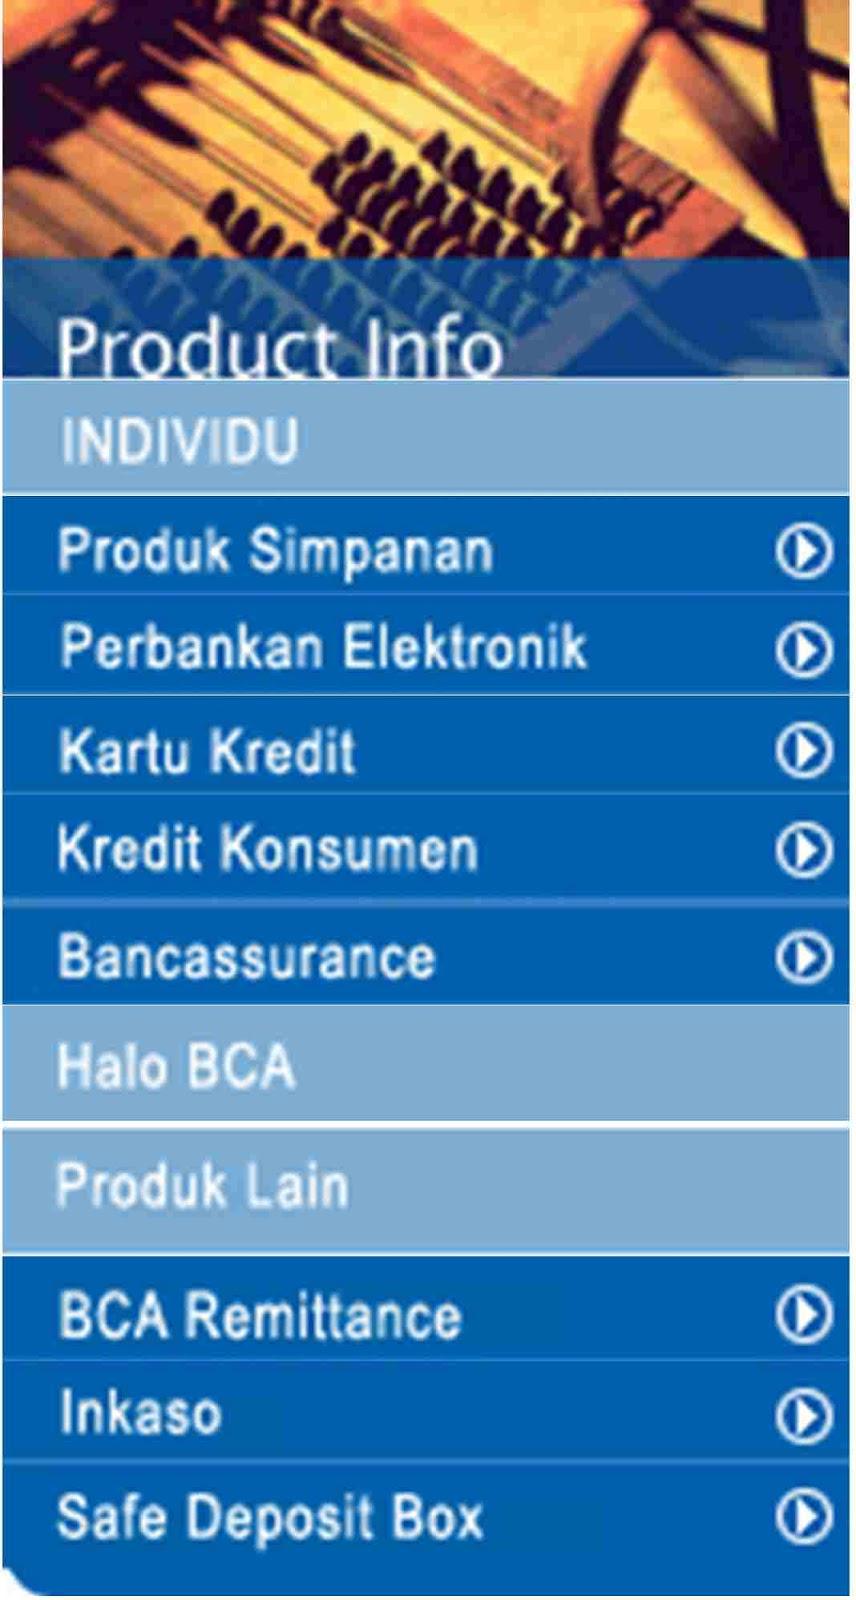 Kumpulan Tugas Kuliah Tugas Imk Analisa Website Www Klikbca Com